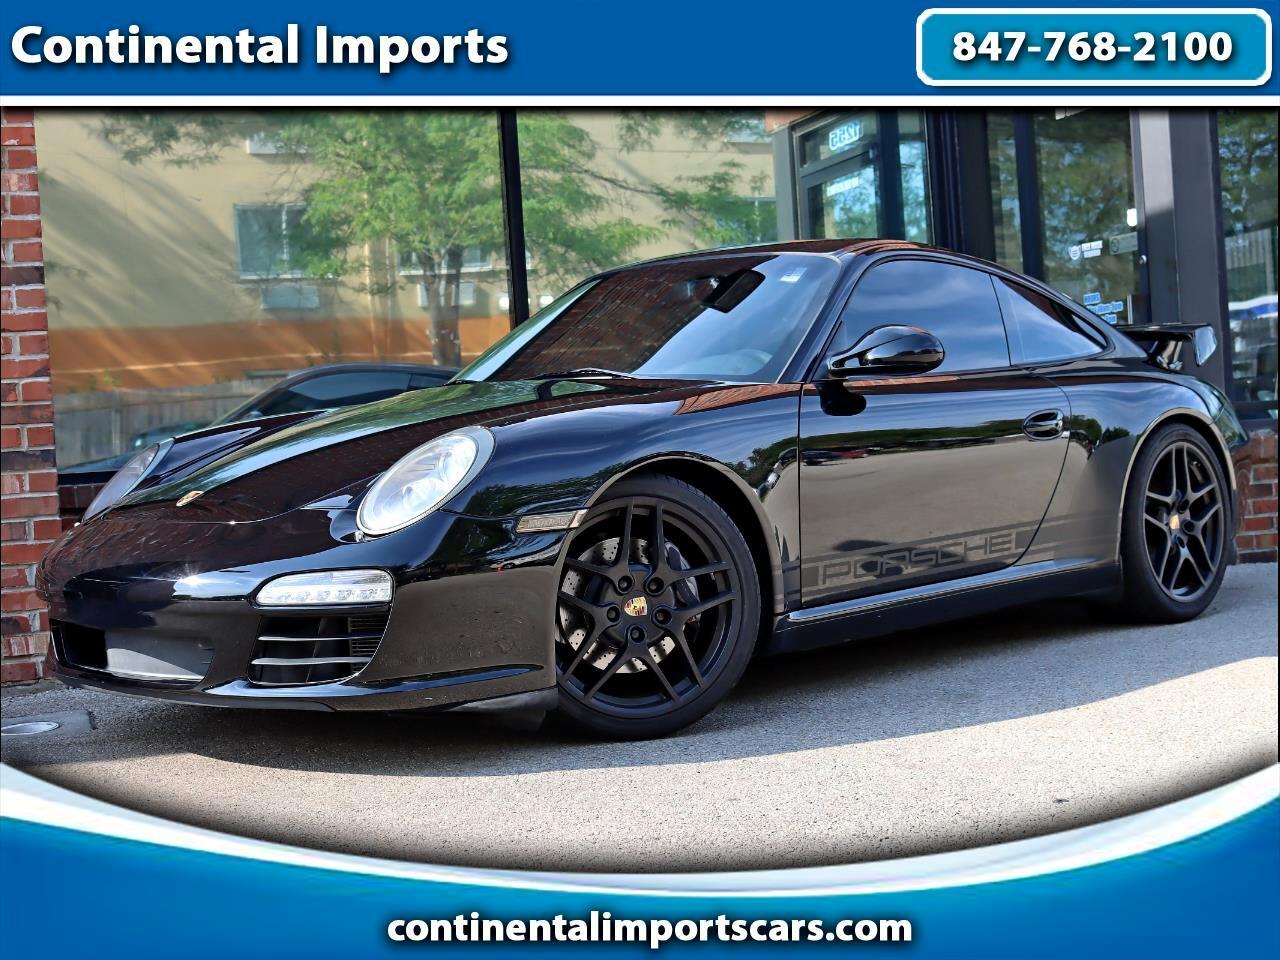 Porsche 911 Carrera Coupe 2010